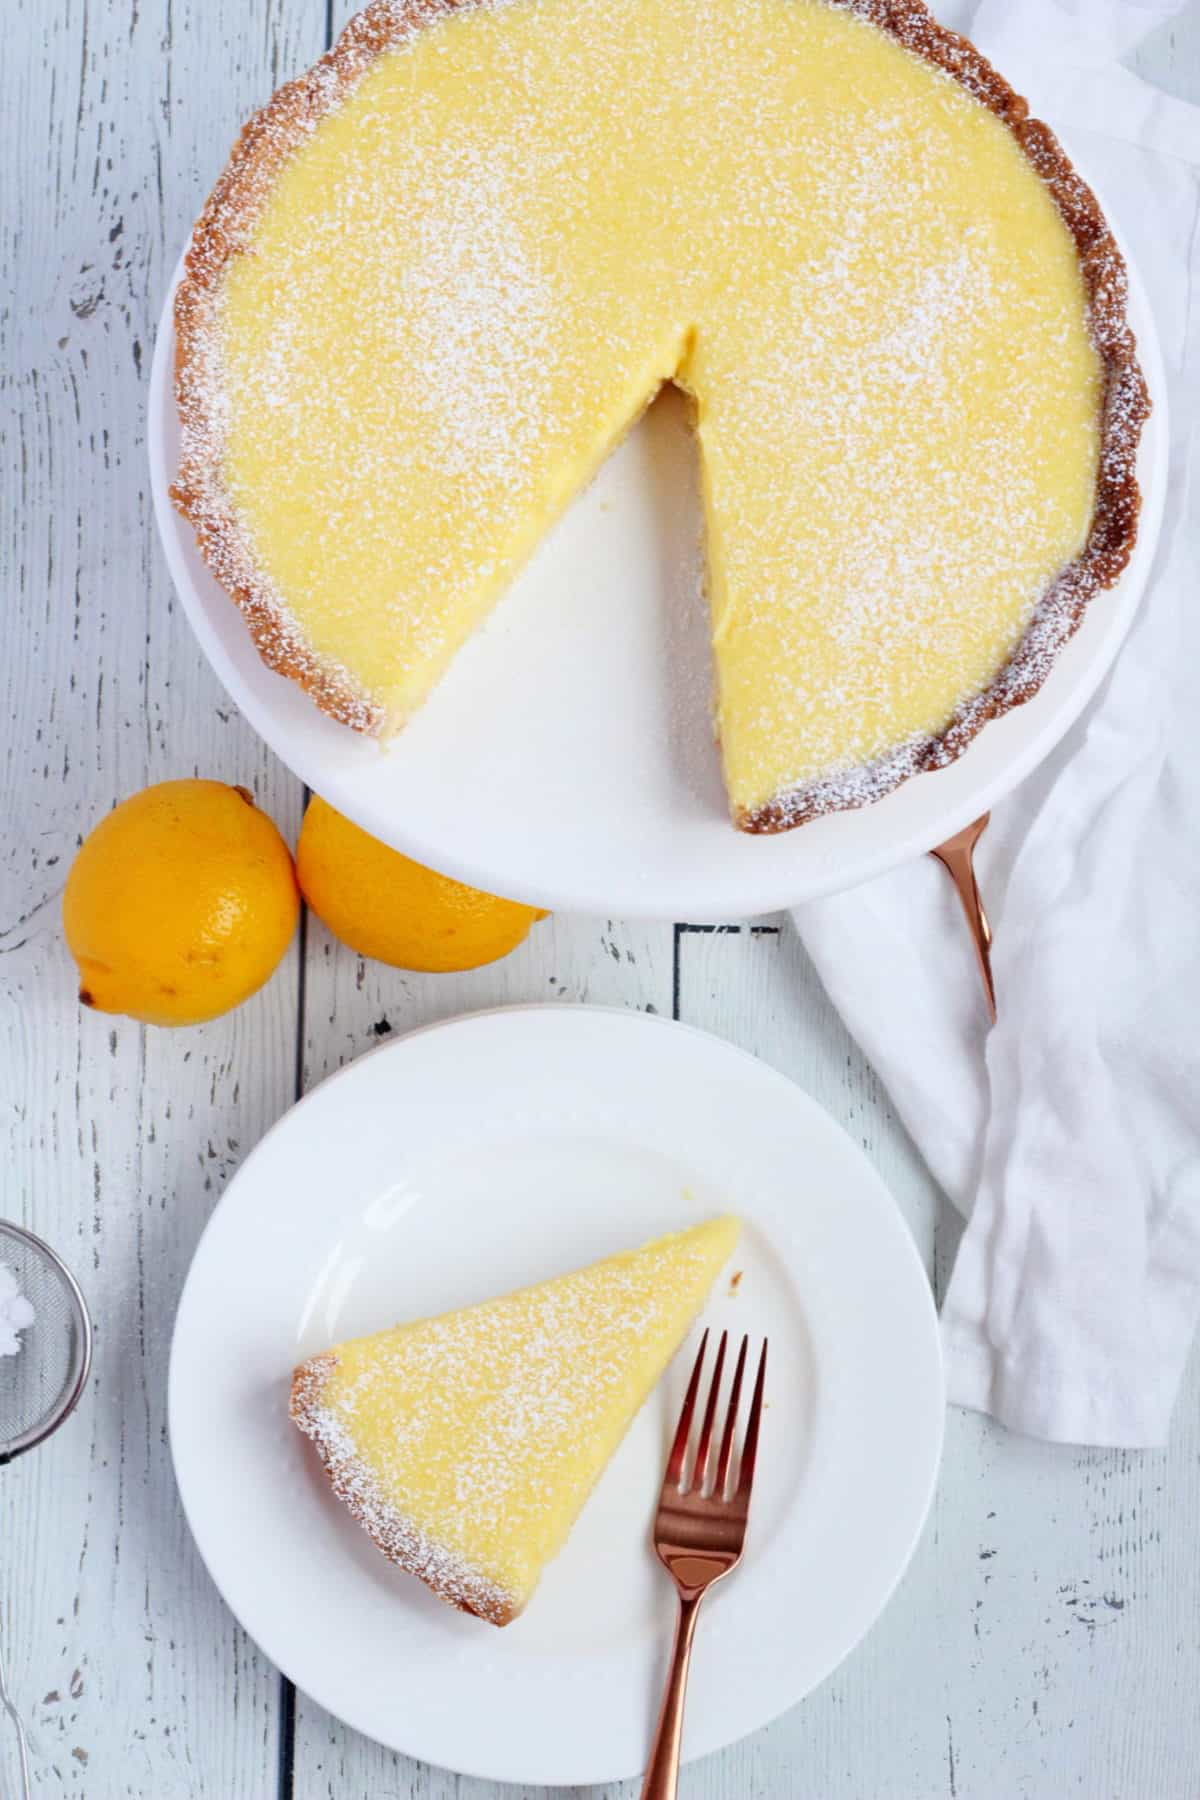 Lemon tart slice on white plate